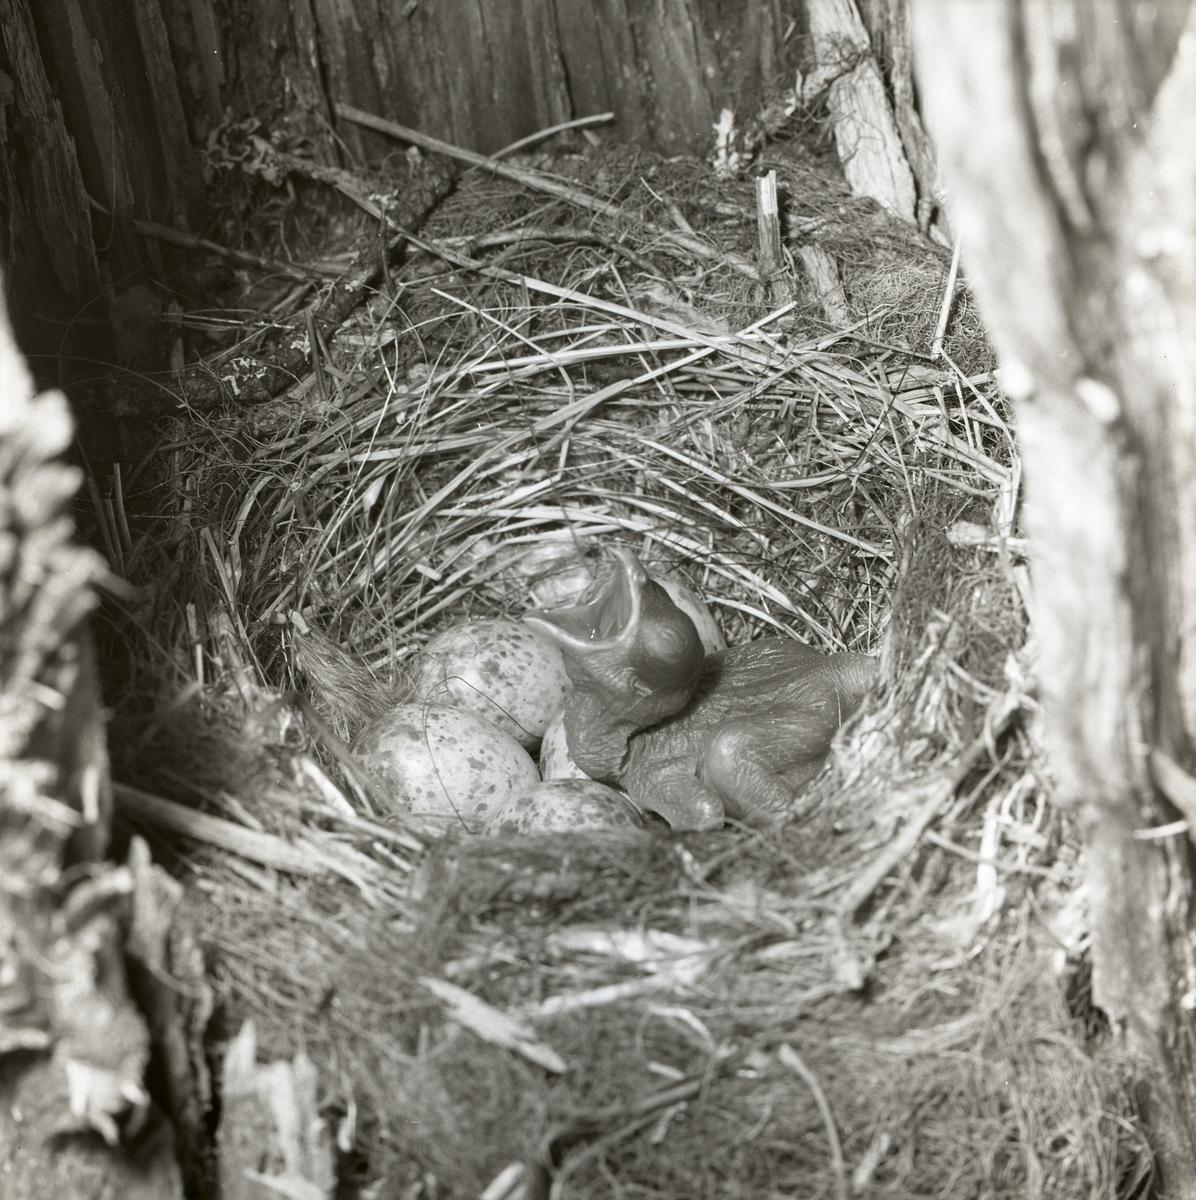 Den nakna gökungen är nykläckt vid fototillfället 25 juni 1961. Den ligger i fågelboet intill de övriga äggen och ropar efter mat. Ögonen har ännu inte öppnat sig, kroppen har inte fått några fjädrar och näbben är vidöppen.